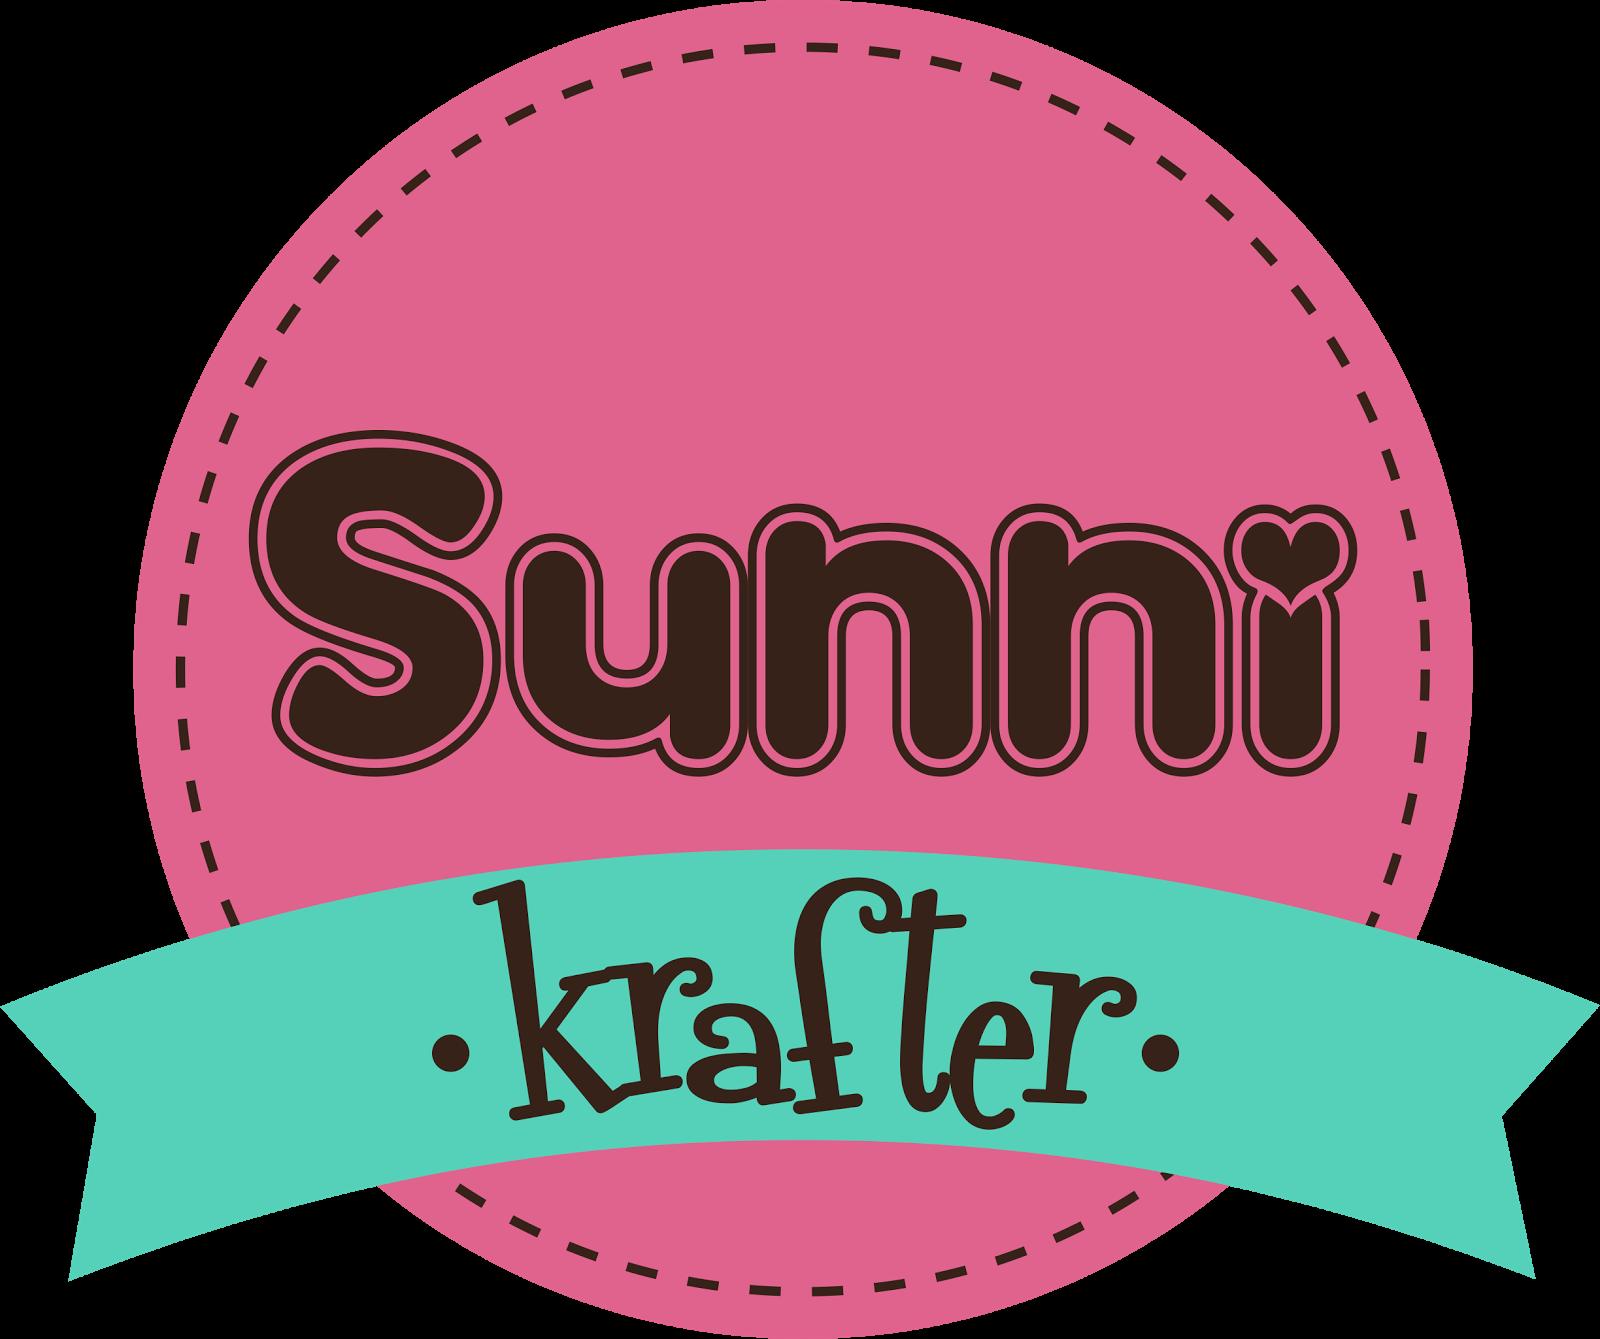 Sunni Krafter